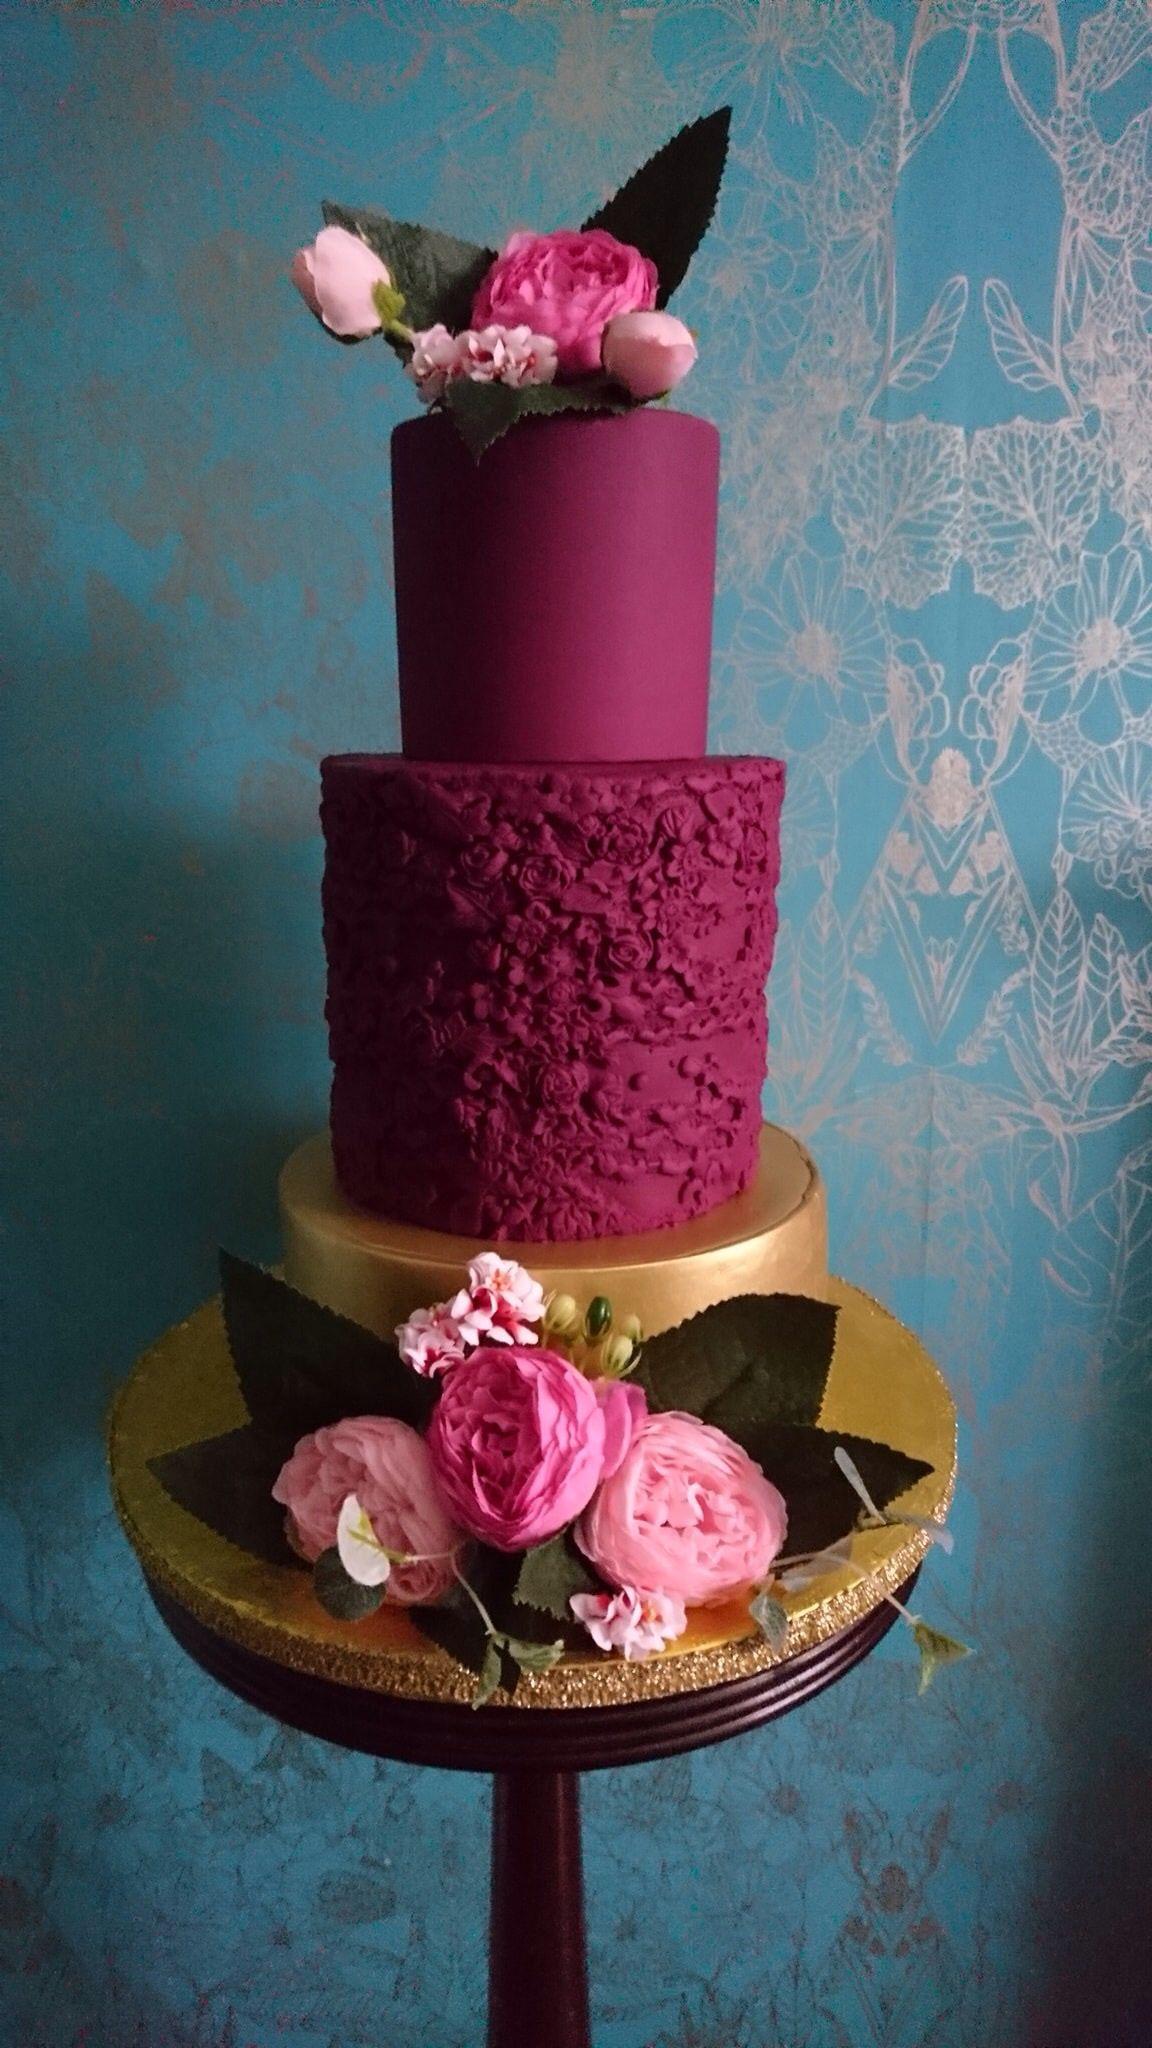 Khristina Lagunova Molds By Beautebykhristina On Etsy Cake Design Gorgeous Cakes Savoury Cake